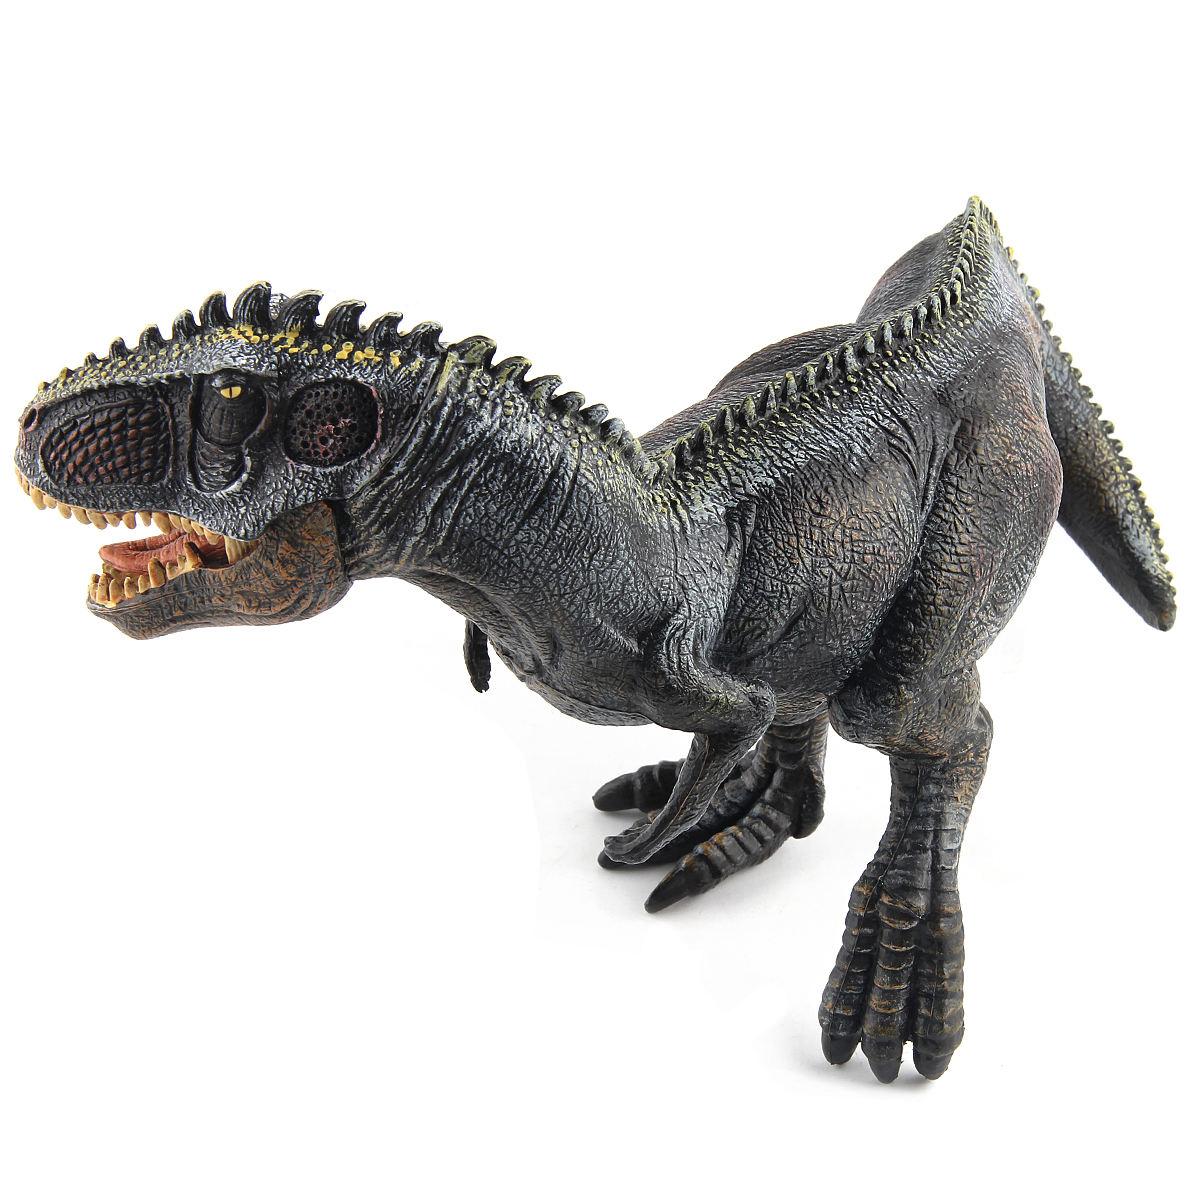 Jouets en plastique Résine Dinosaures Modèle Animal Sauvage